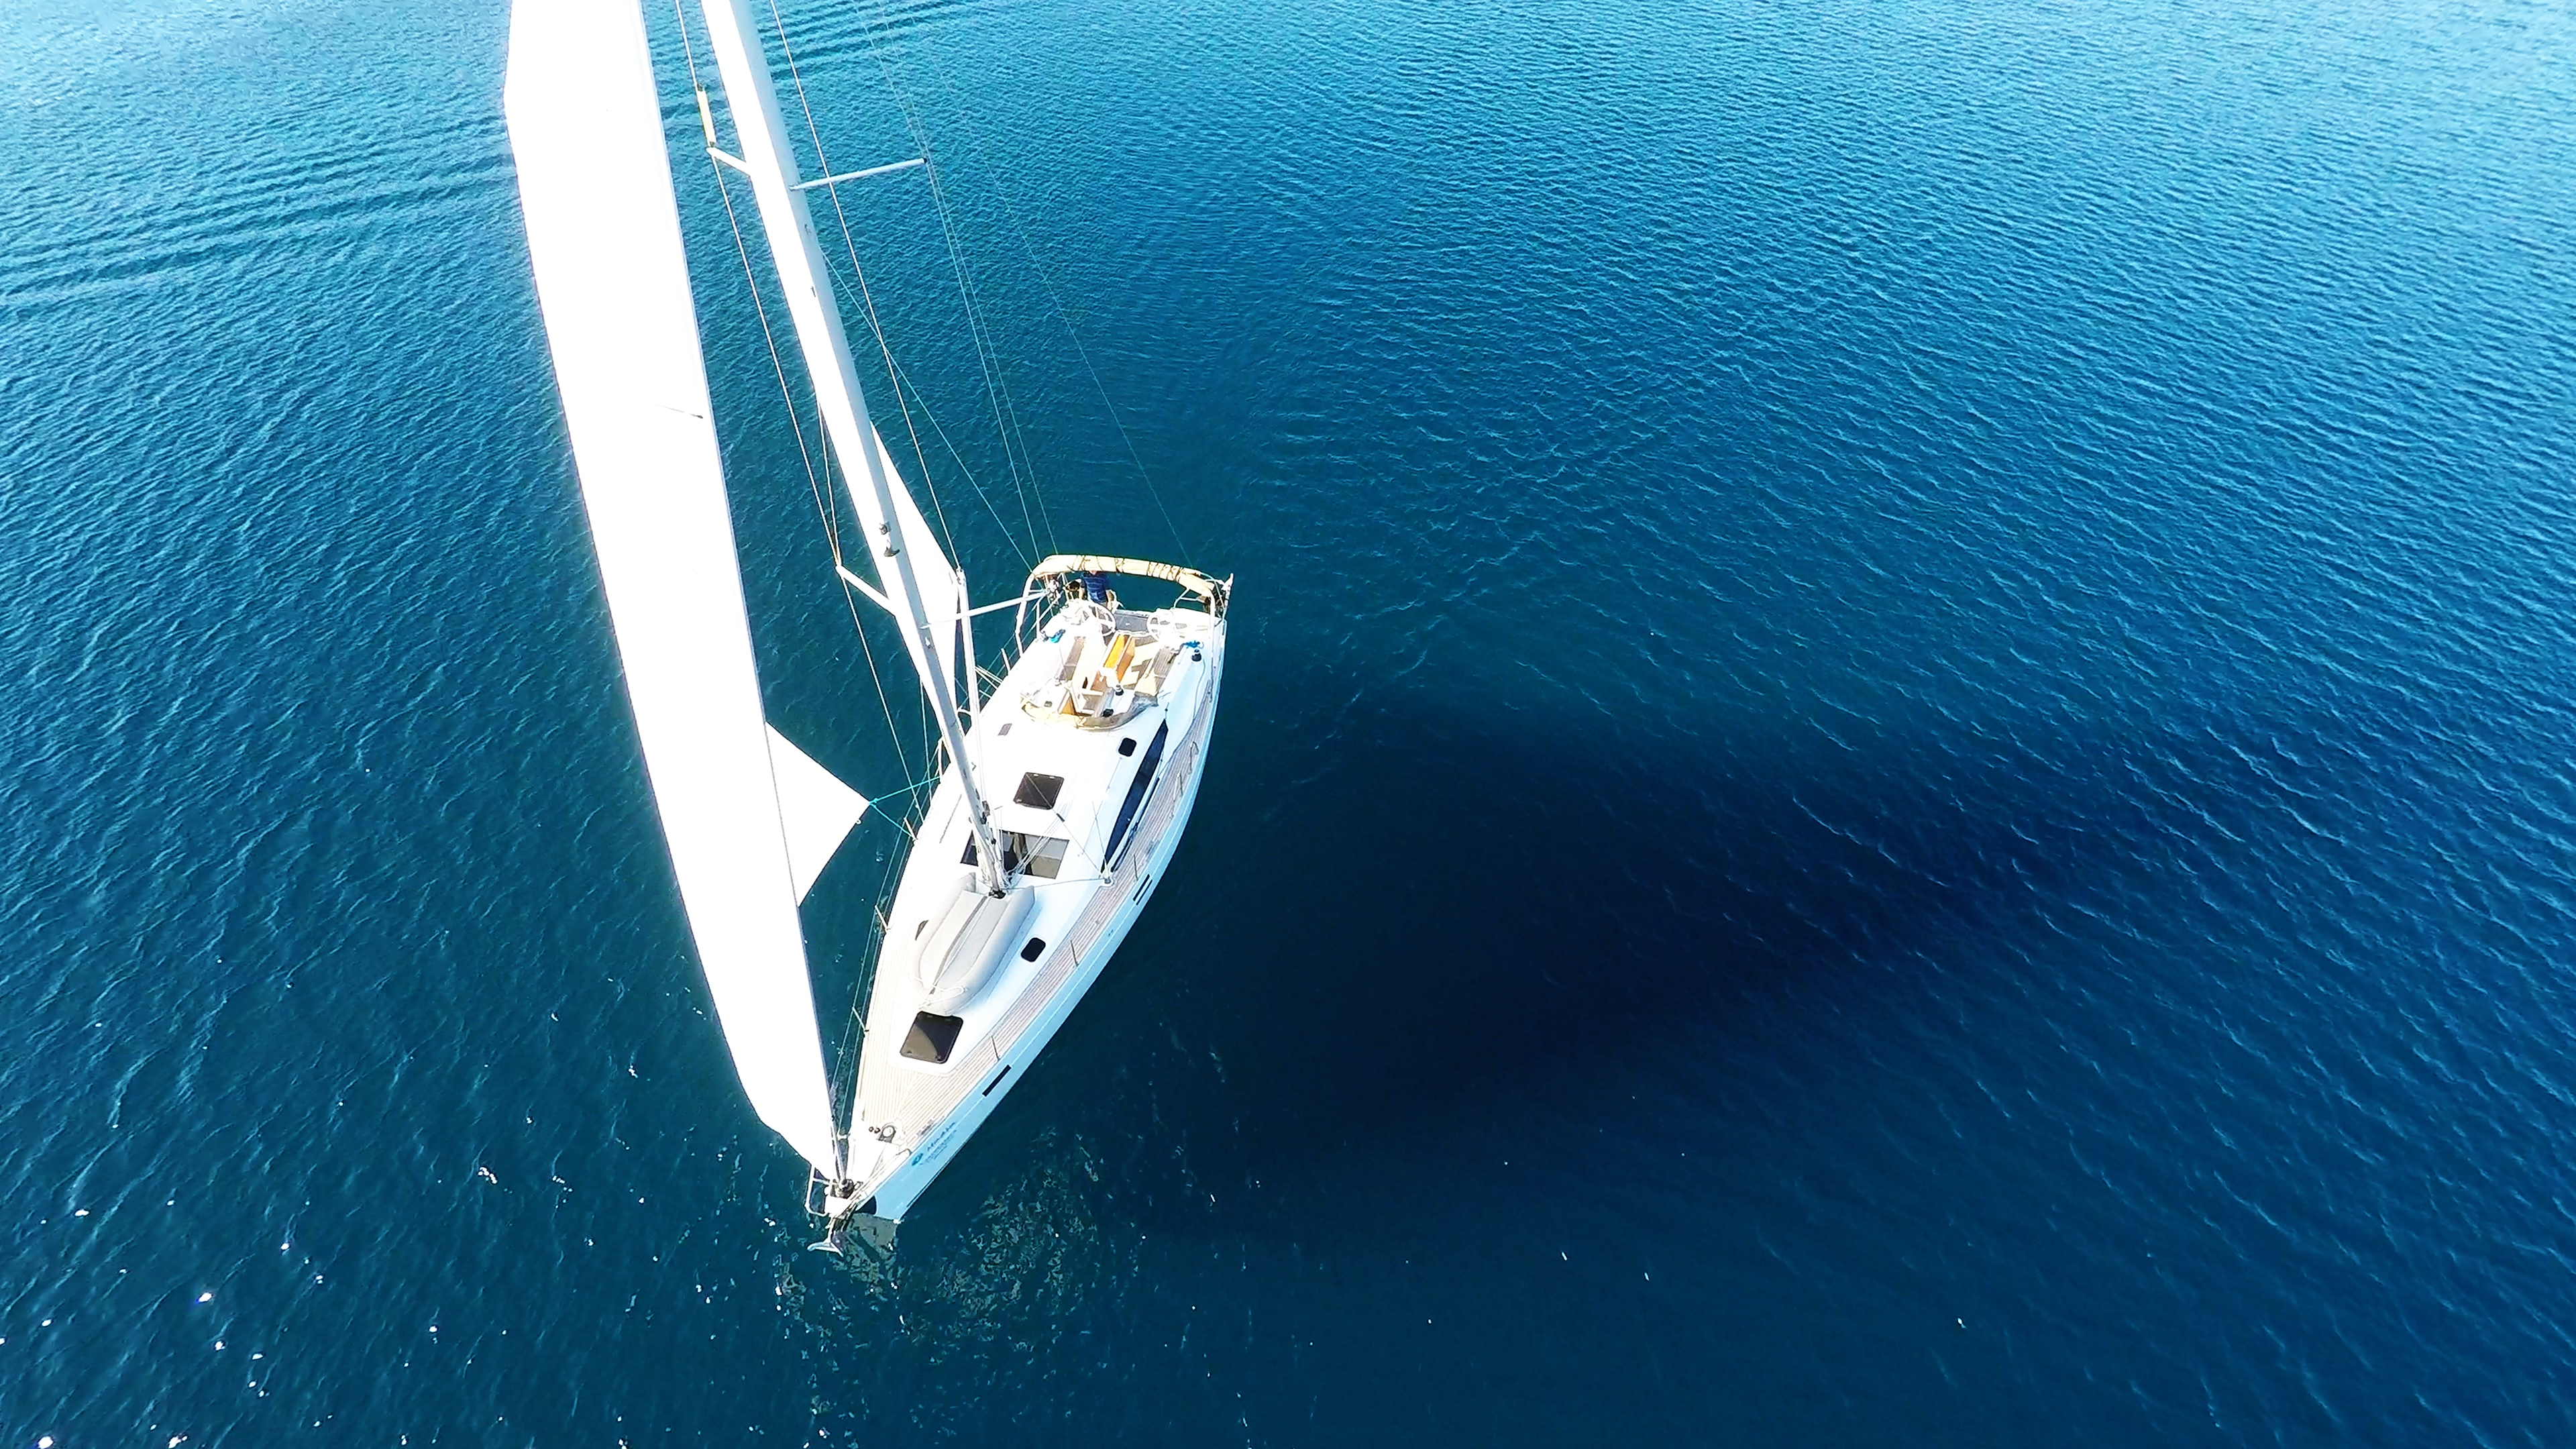 bateau à voile elan 45 impression mer bleue voilier voile bateau à voile